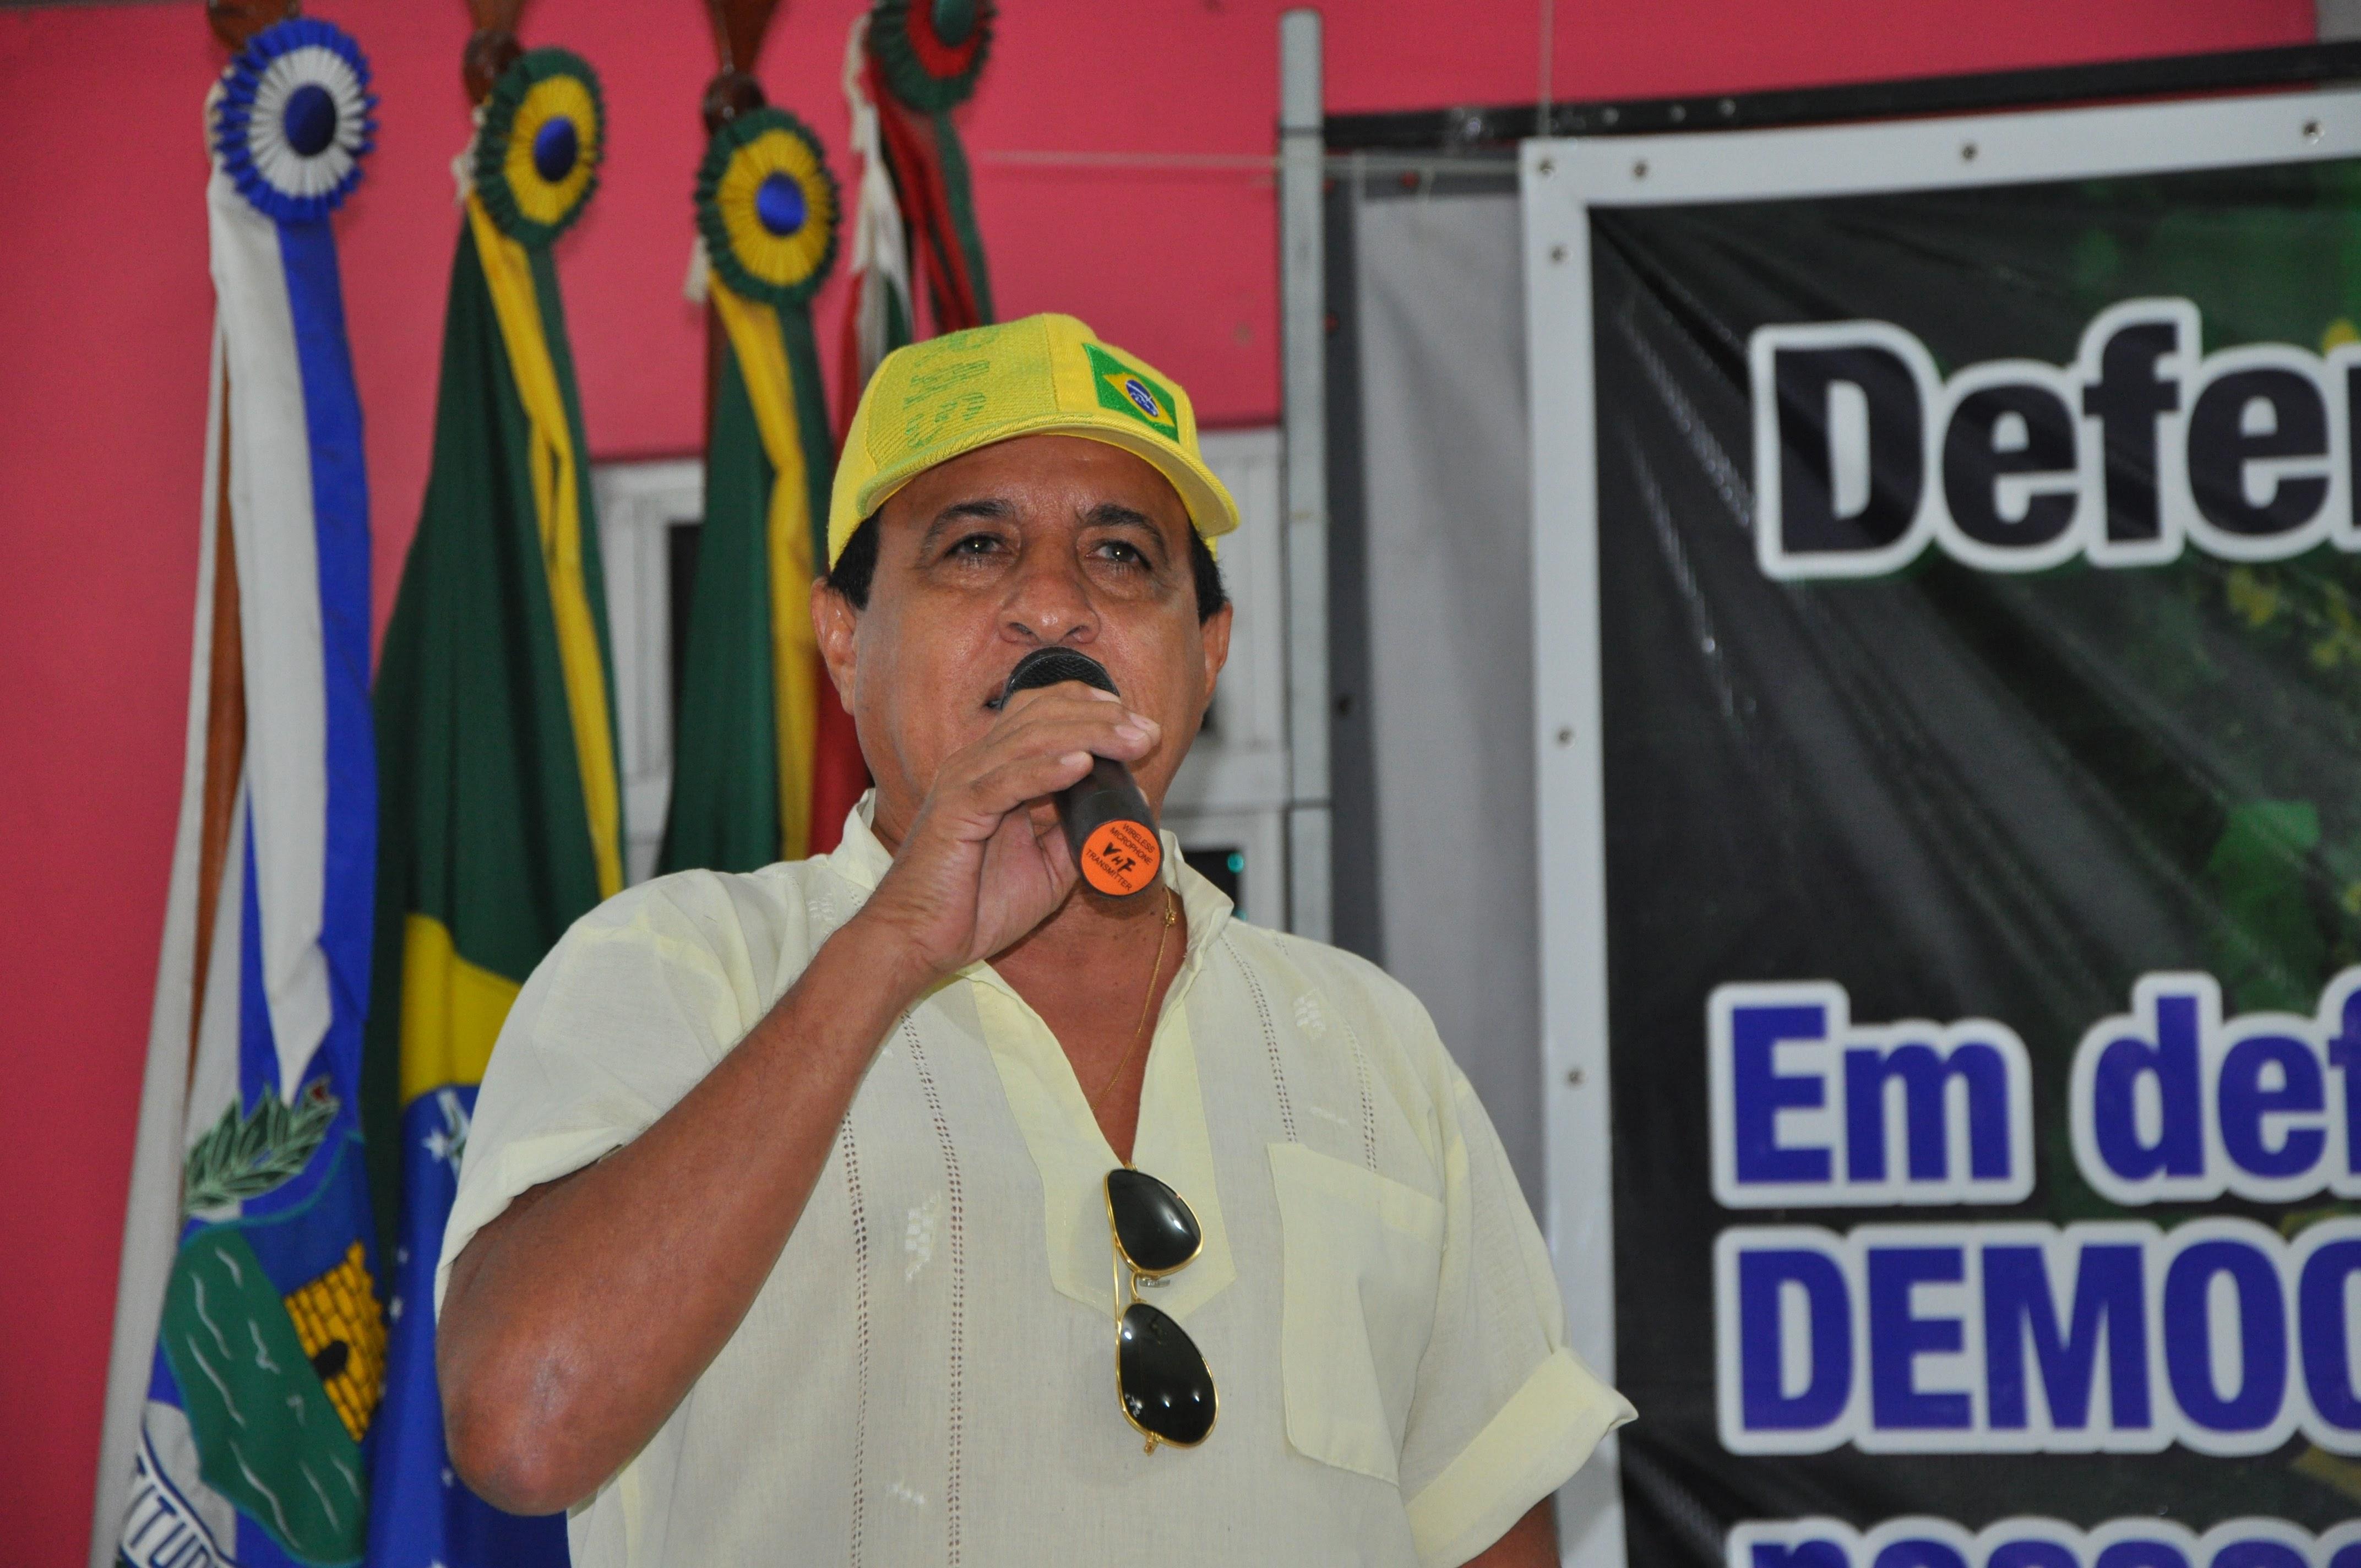 José Albano de Melo